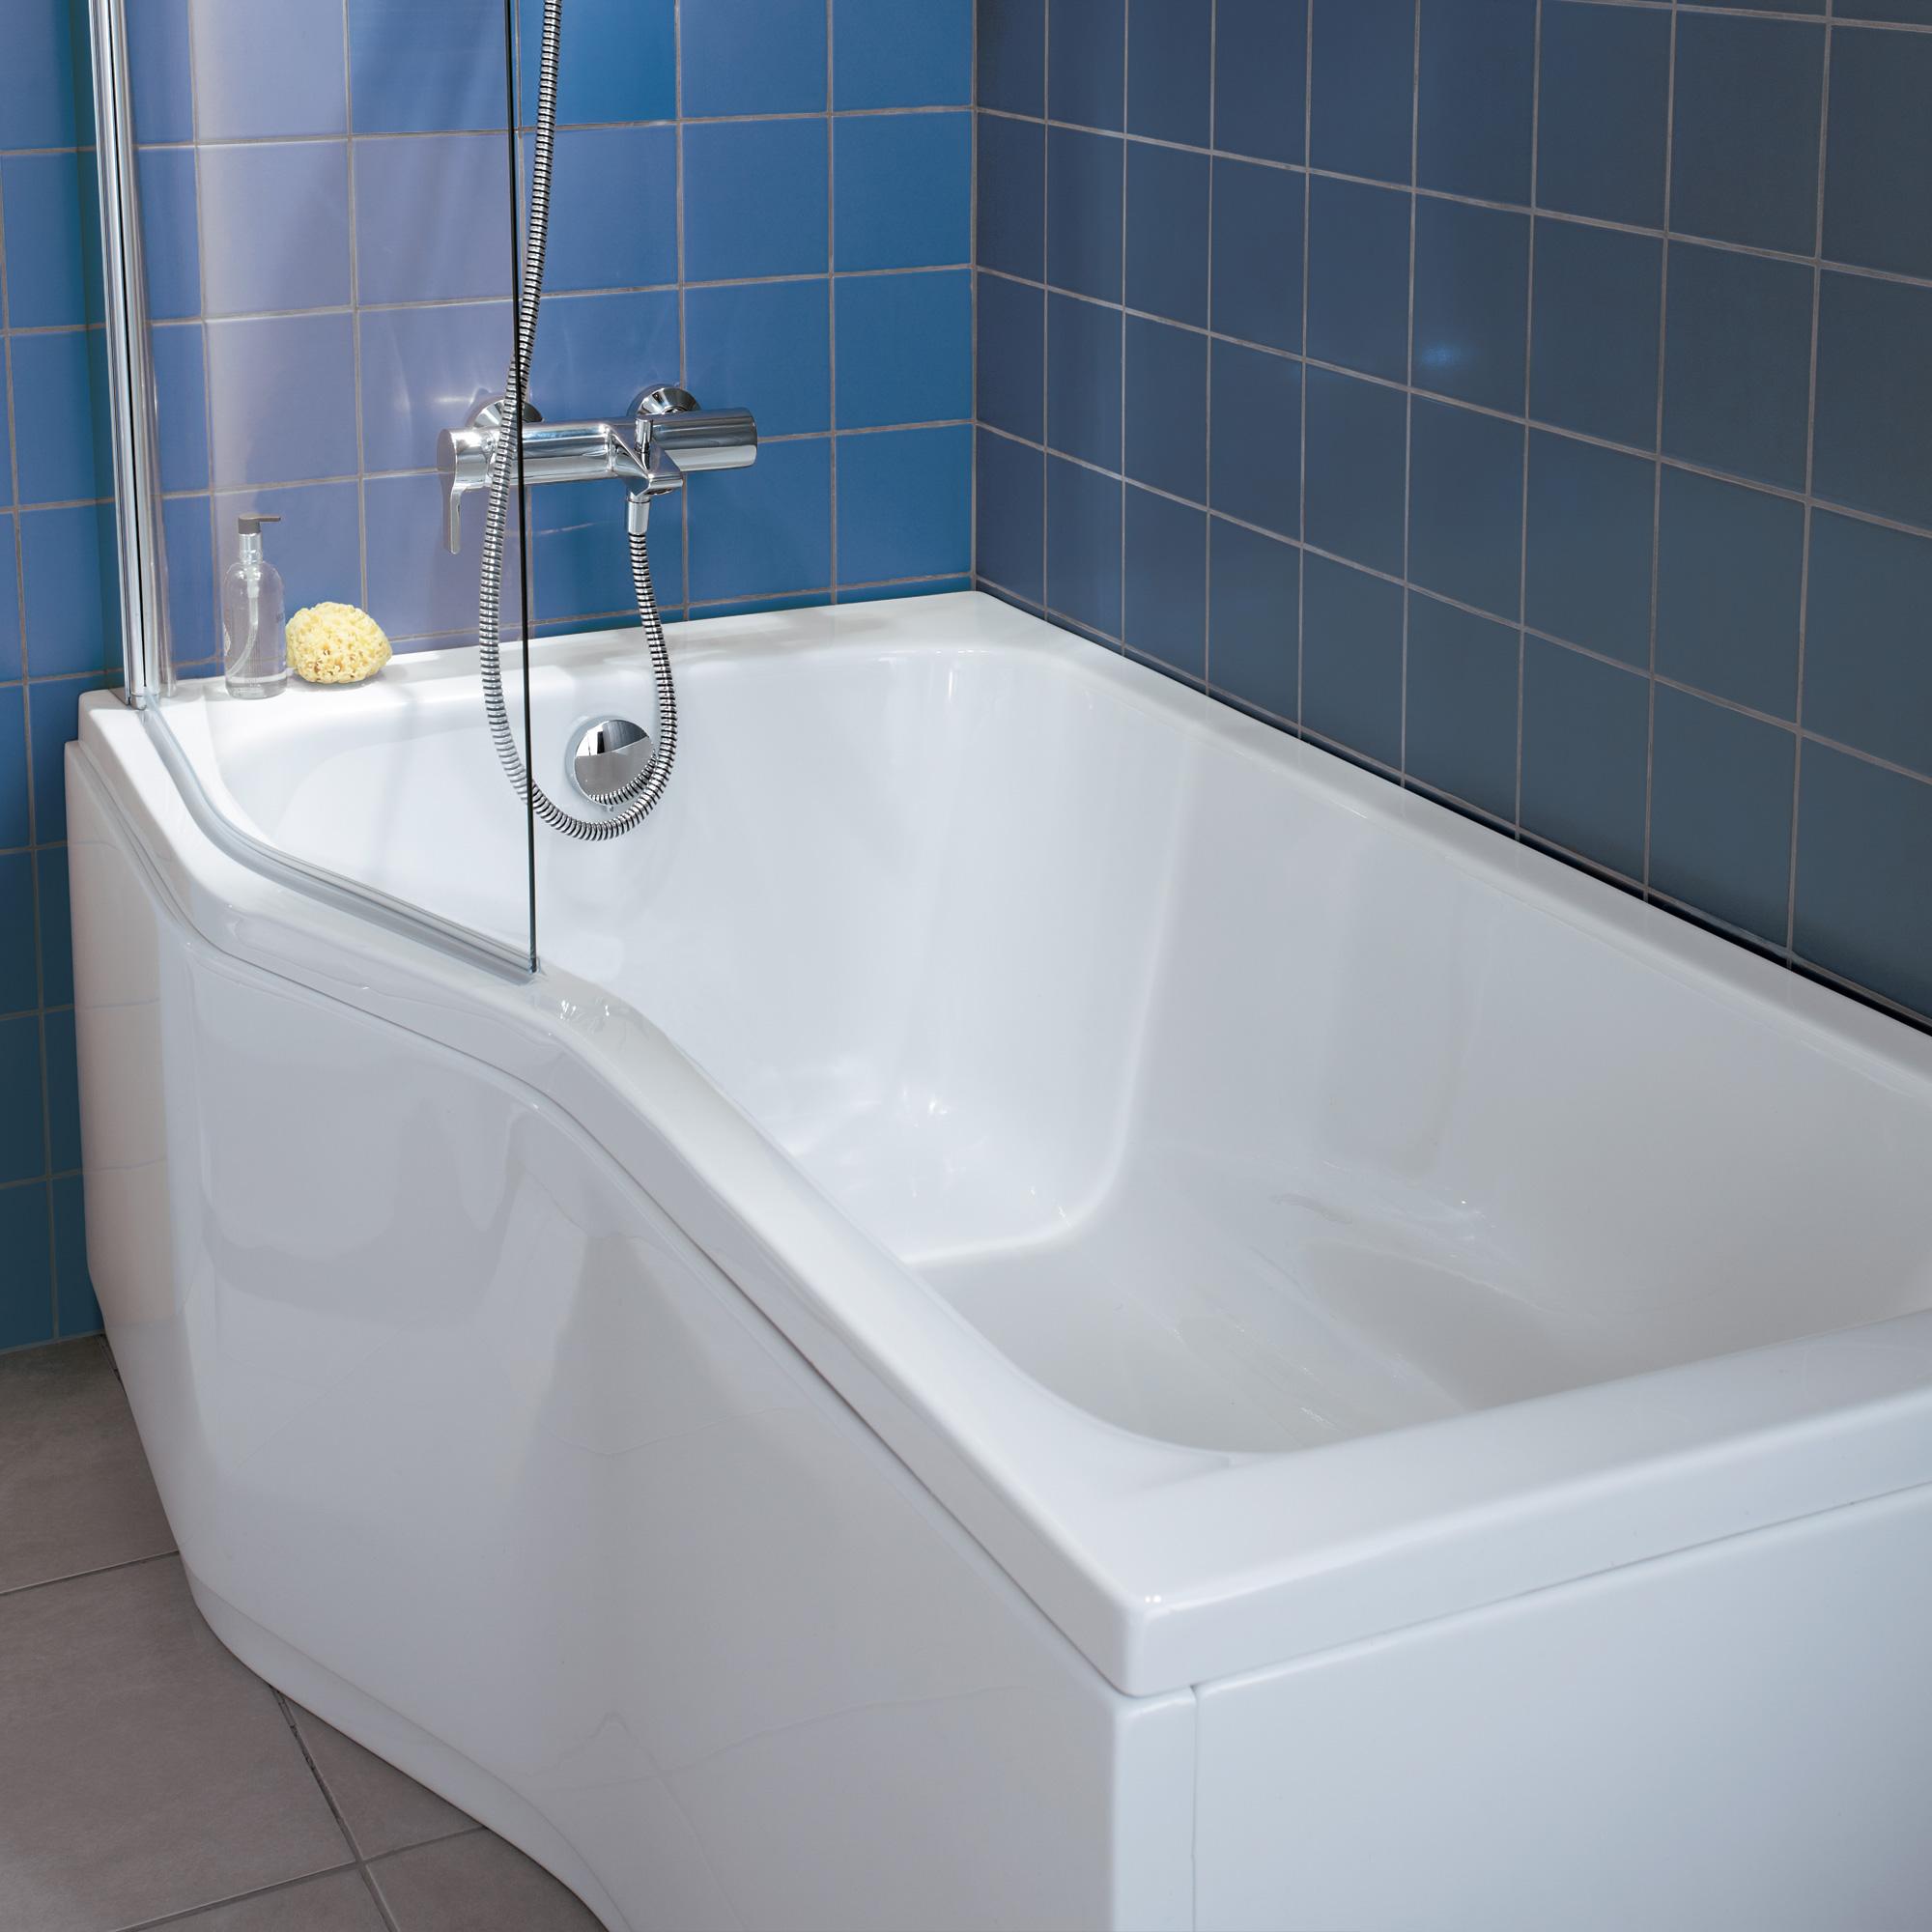 Badewanne standard  Badewanne Led Einbauen: Led lampen fur wohnzimmer ~ carprola for ...